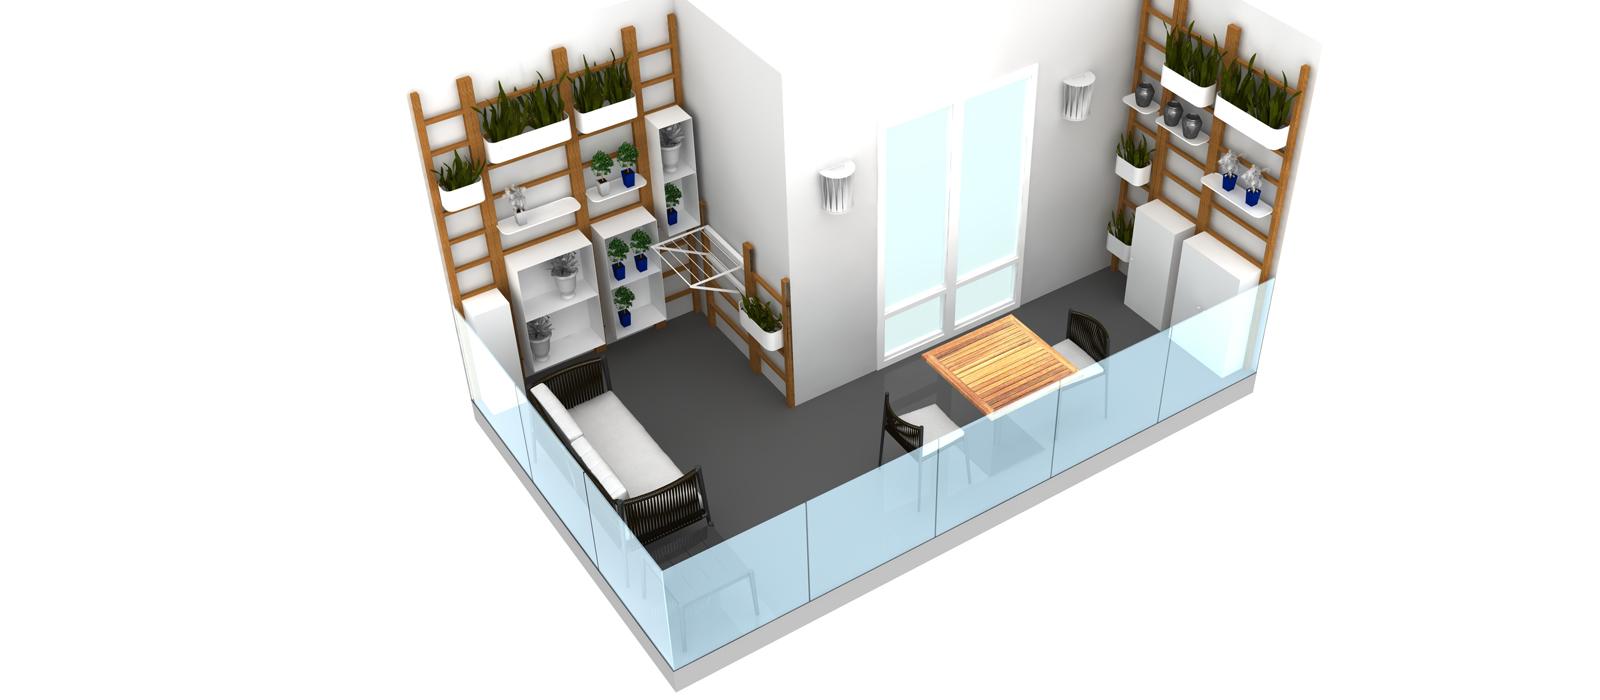 Muebles y complementos - Unopiù - 0